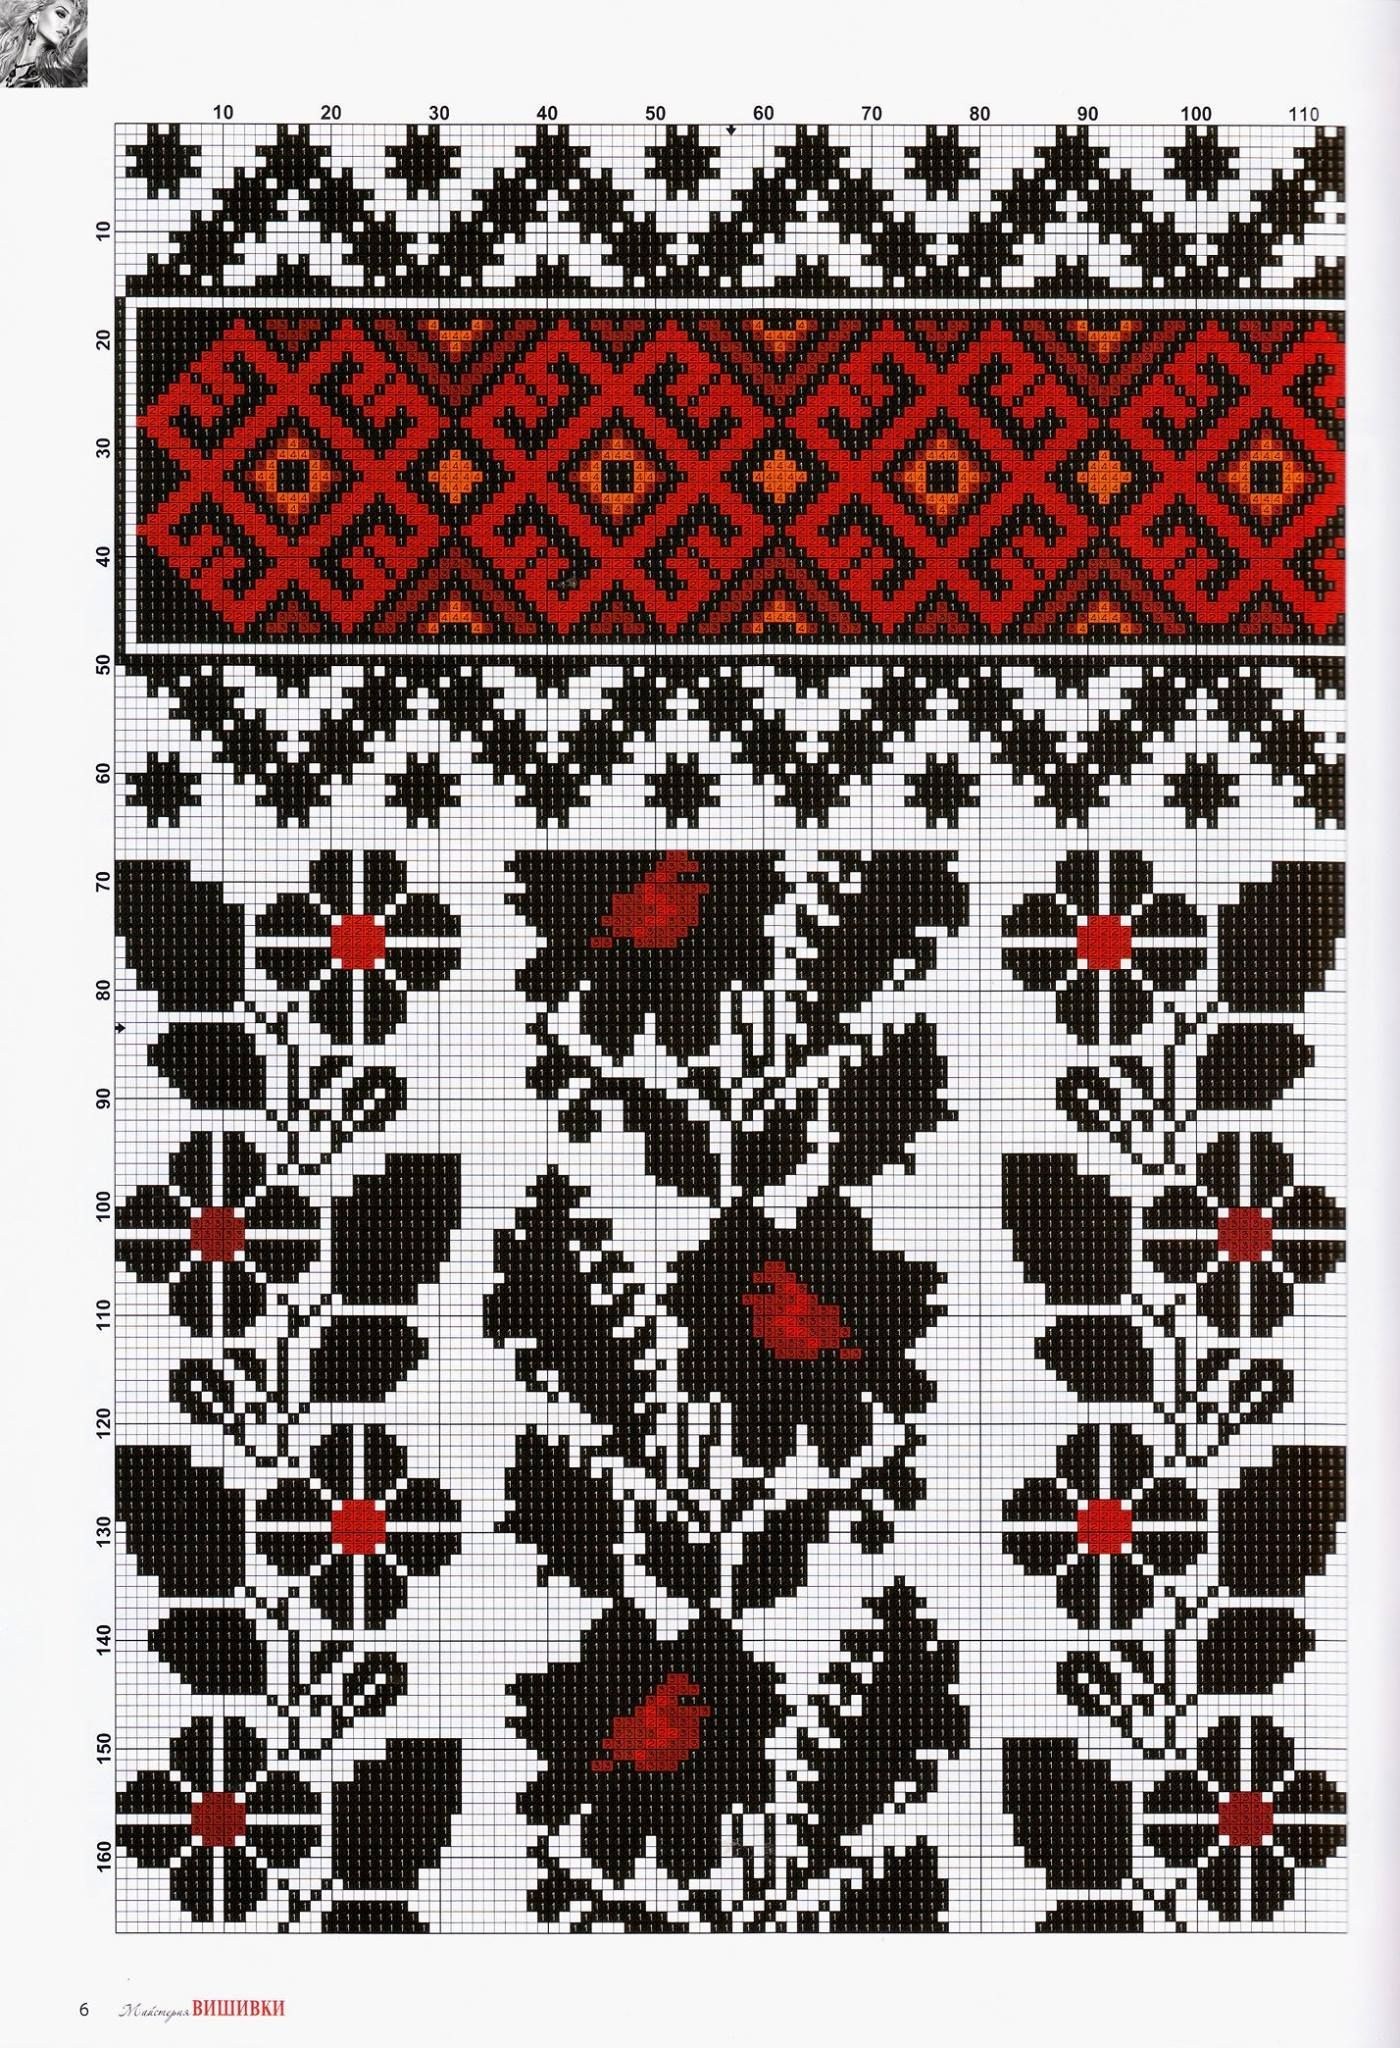 Читайте також Пальто з вишивкою у етно-стилі від бренду СHERNIKOVA Вишиті  сумки  підбірка ідей Декоруємо одяг вишивкою  модні тренди літа 2017 Літні  сукні з ... 502b0a8393c96